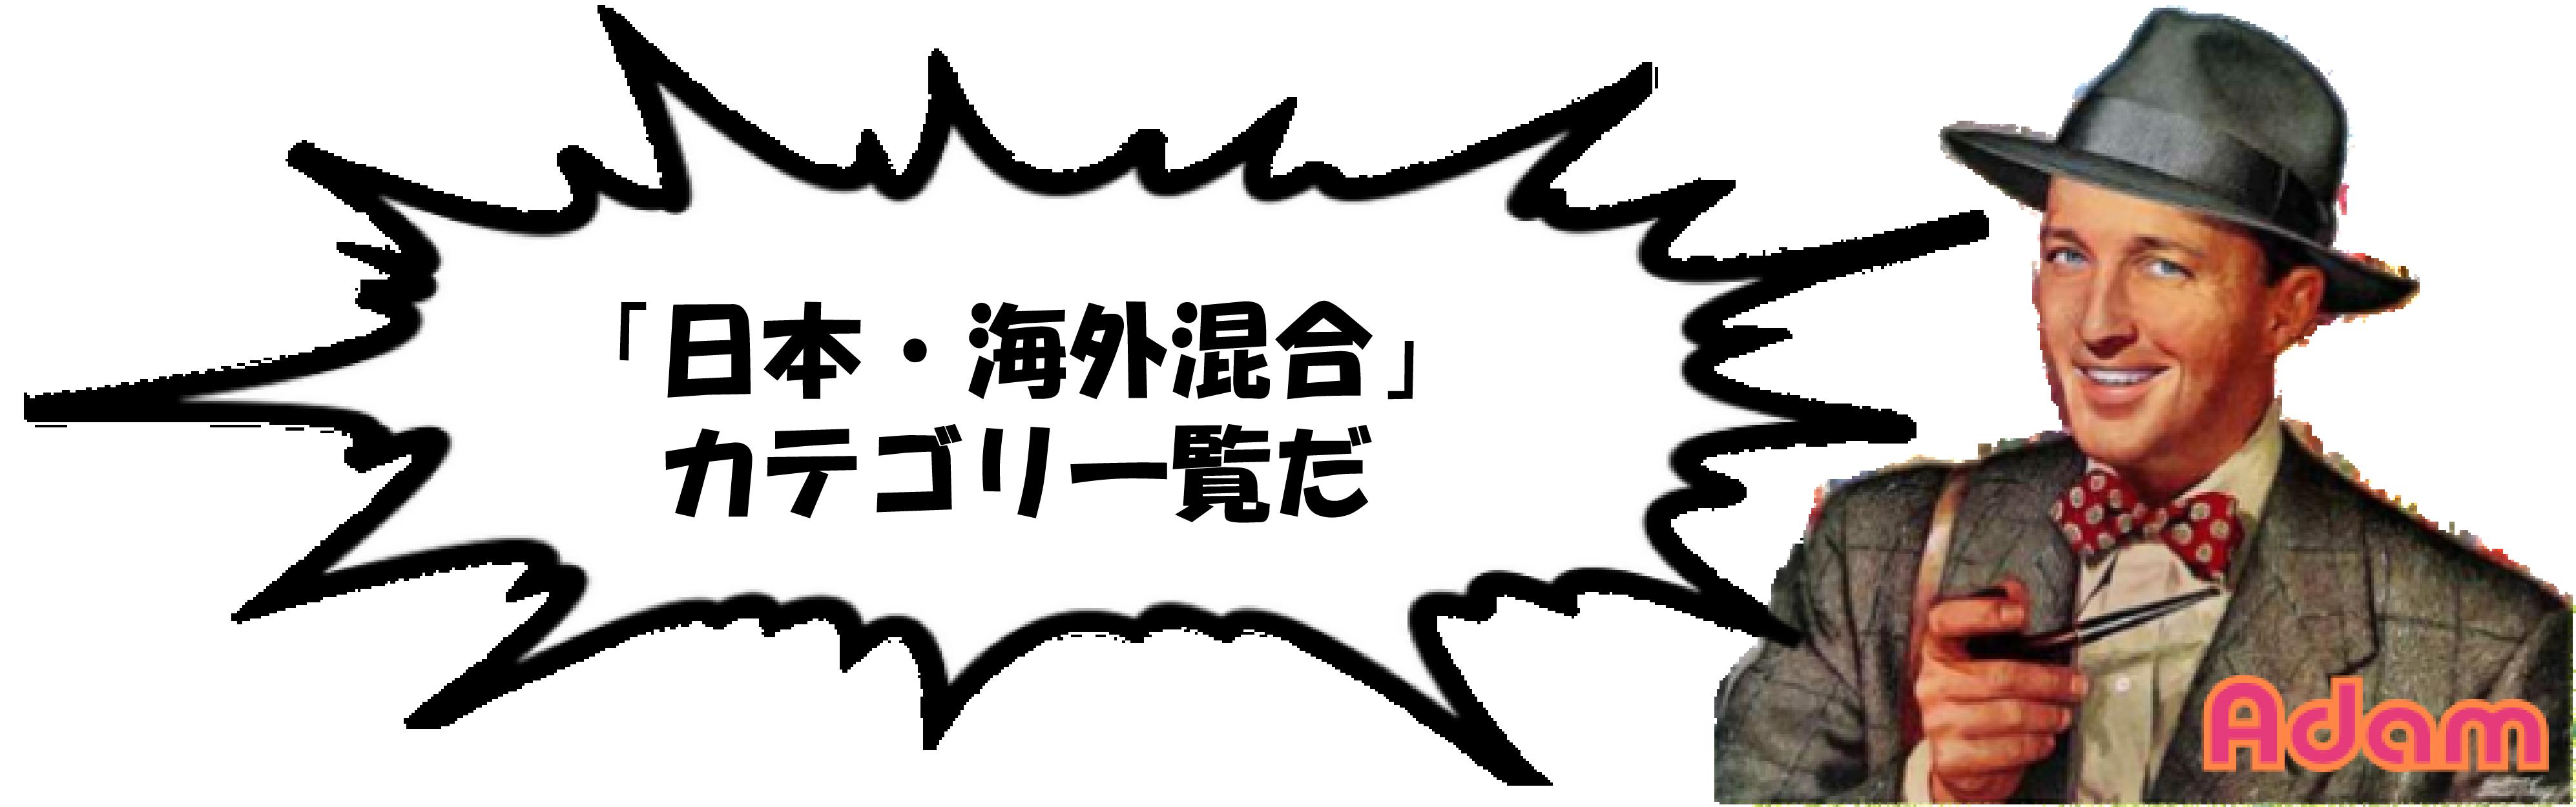 テンプレート(日本・海外混合カテゴリ一覧)-01-01